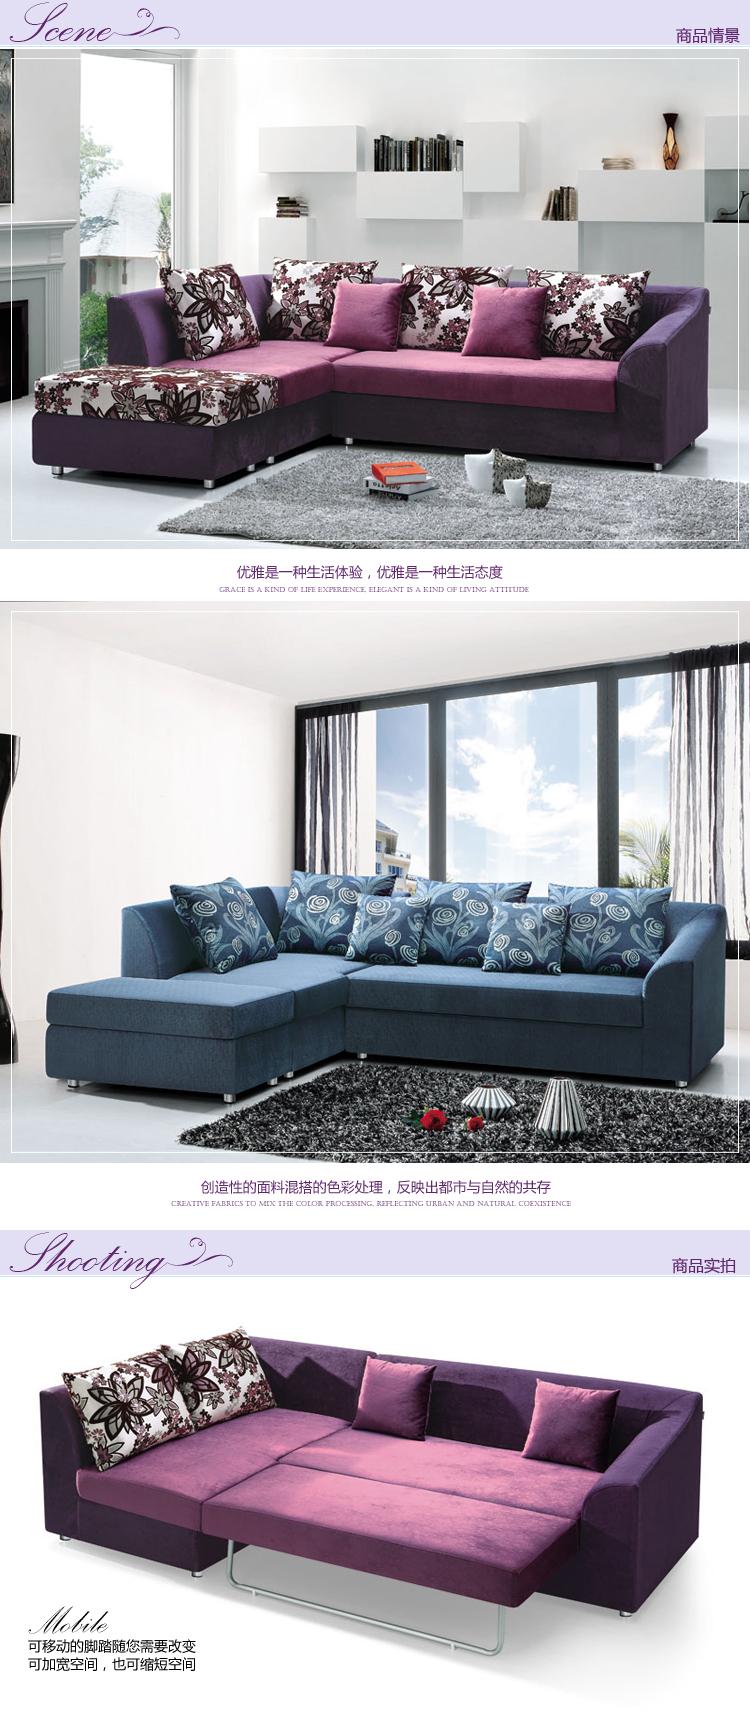 乐和居 粉色宜家欧式多功能沙发床 坐卧两用床 多功能